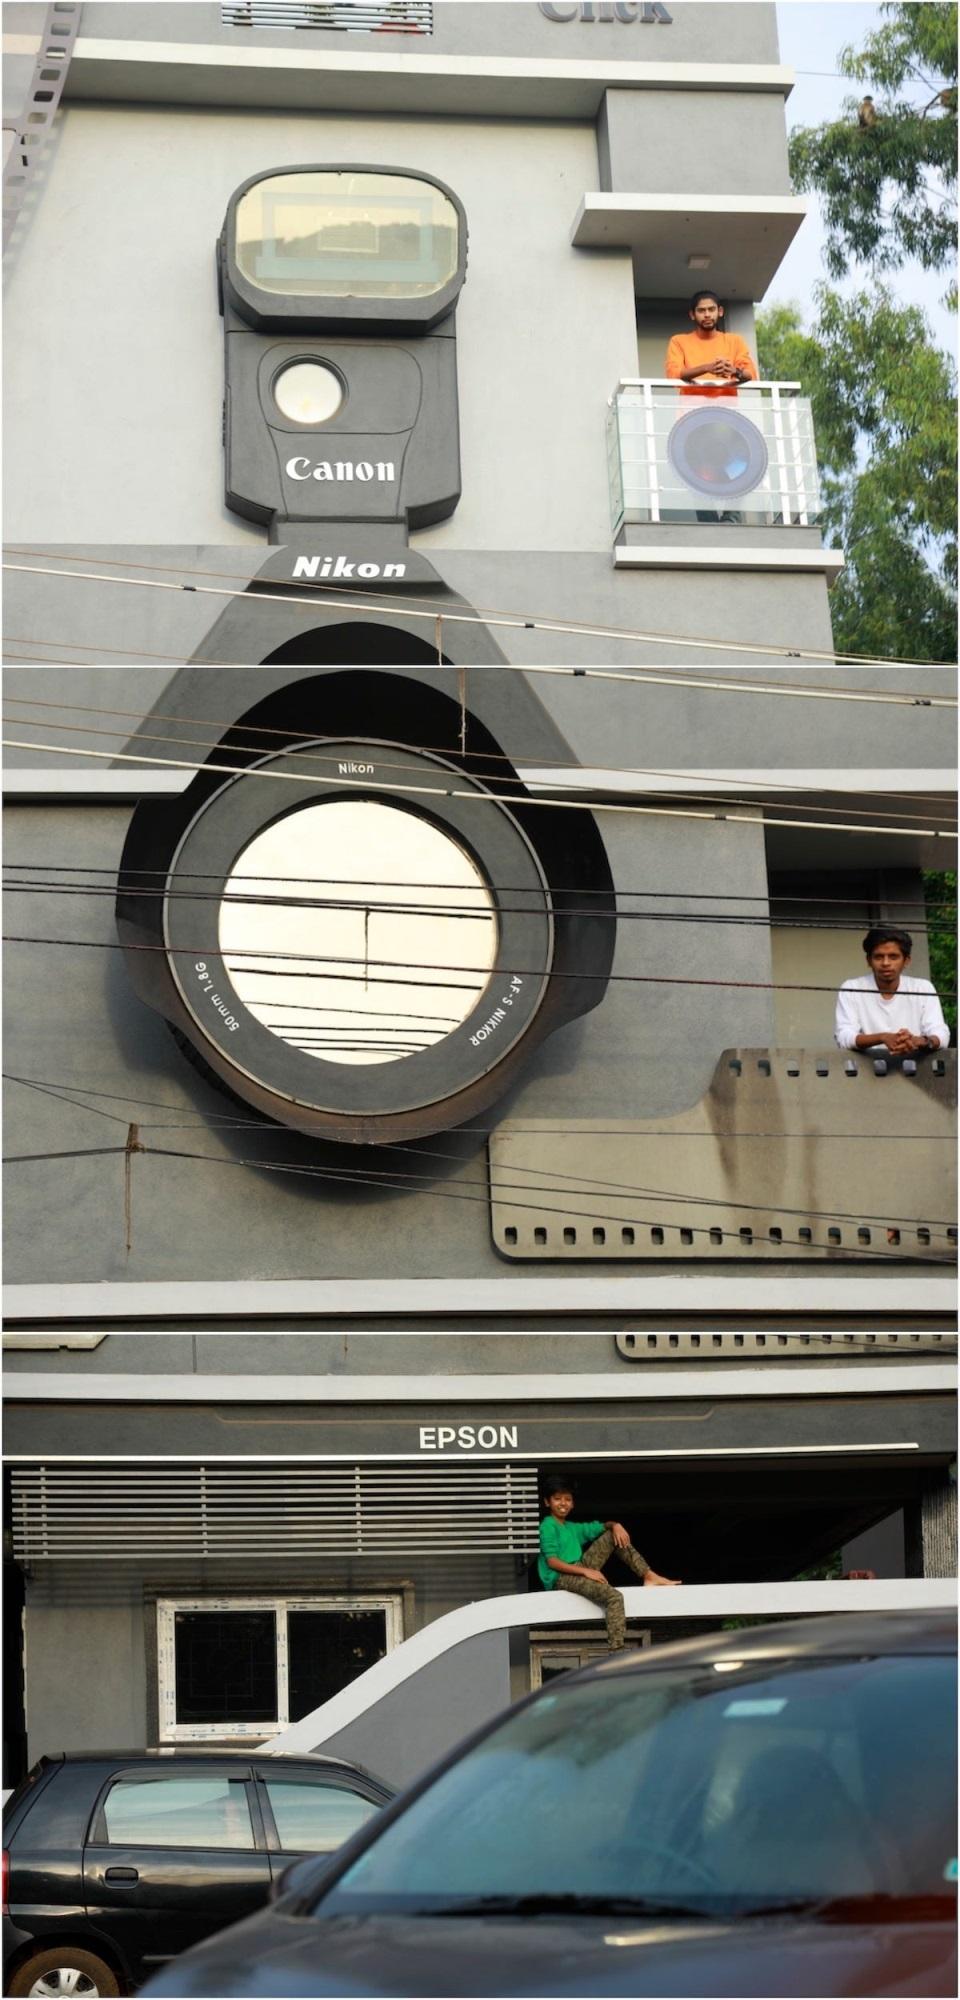 Chiêm ngưỡng ngôi nhà hình chiếc máy ảnh độc đáo ở Ấn Độ - Ảnh 4